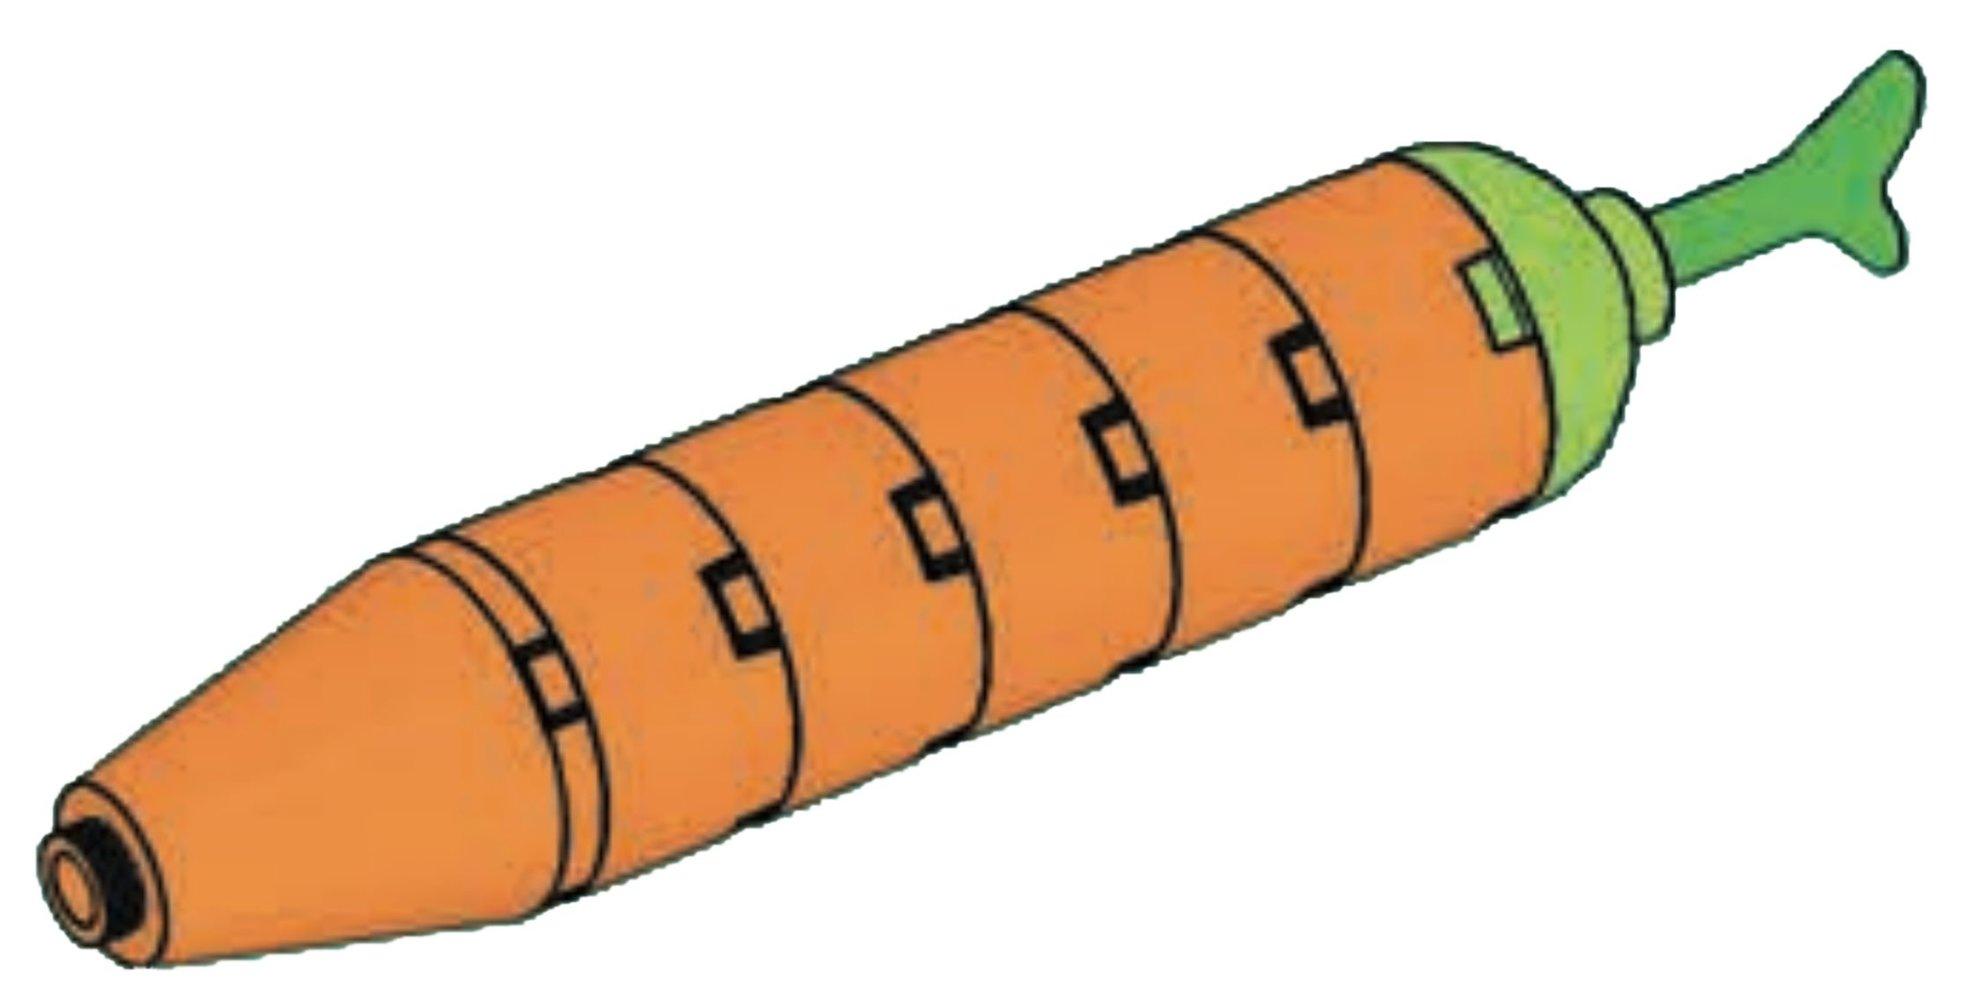 Sven's Carrot